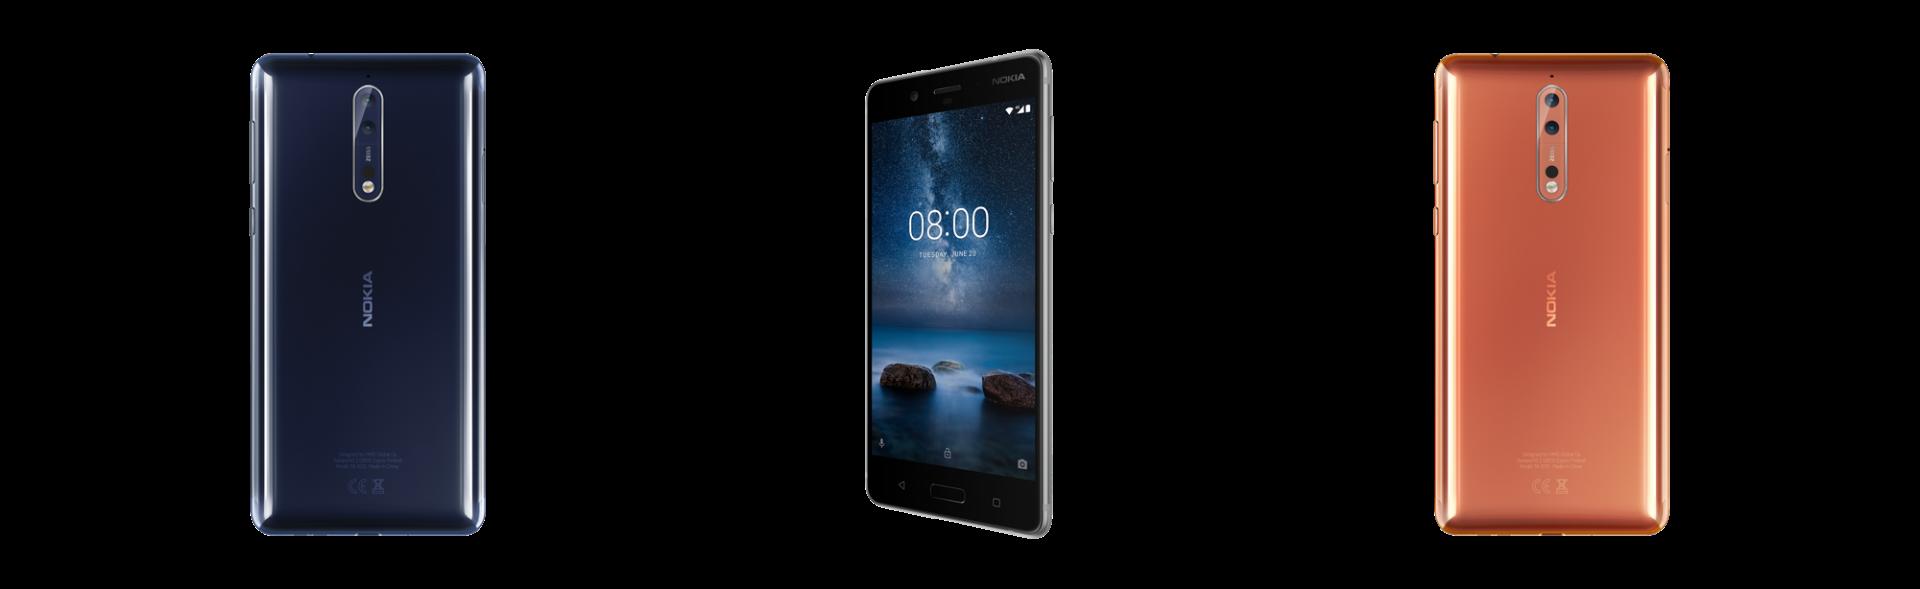 Nokia 8 è ufficiale: arriva il top di gamma per riconquistare tutti